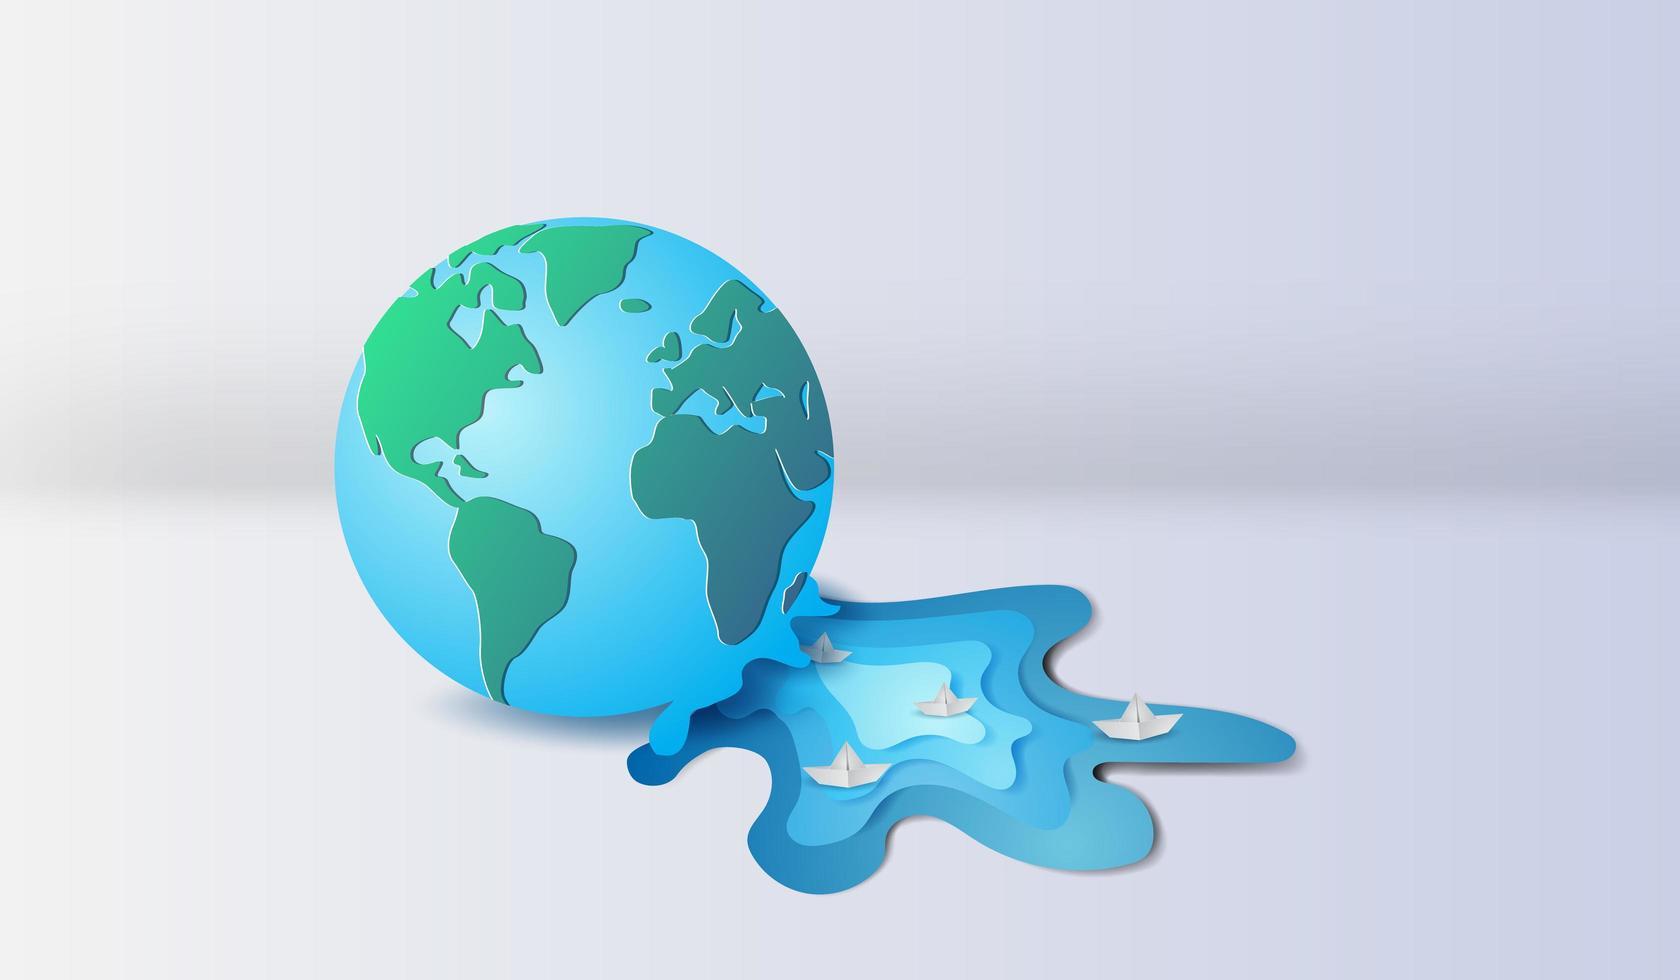 Konst för papper 3d av planeten jorden med segelbåtar. miljö koncept vektor